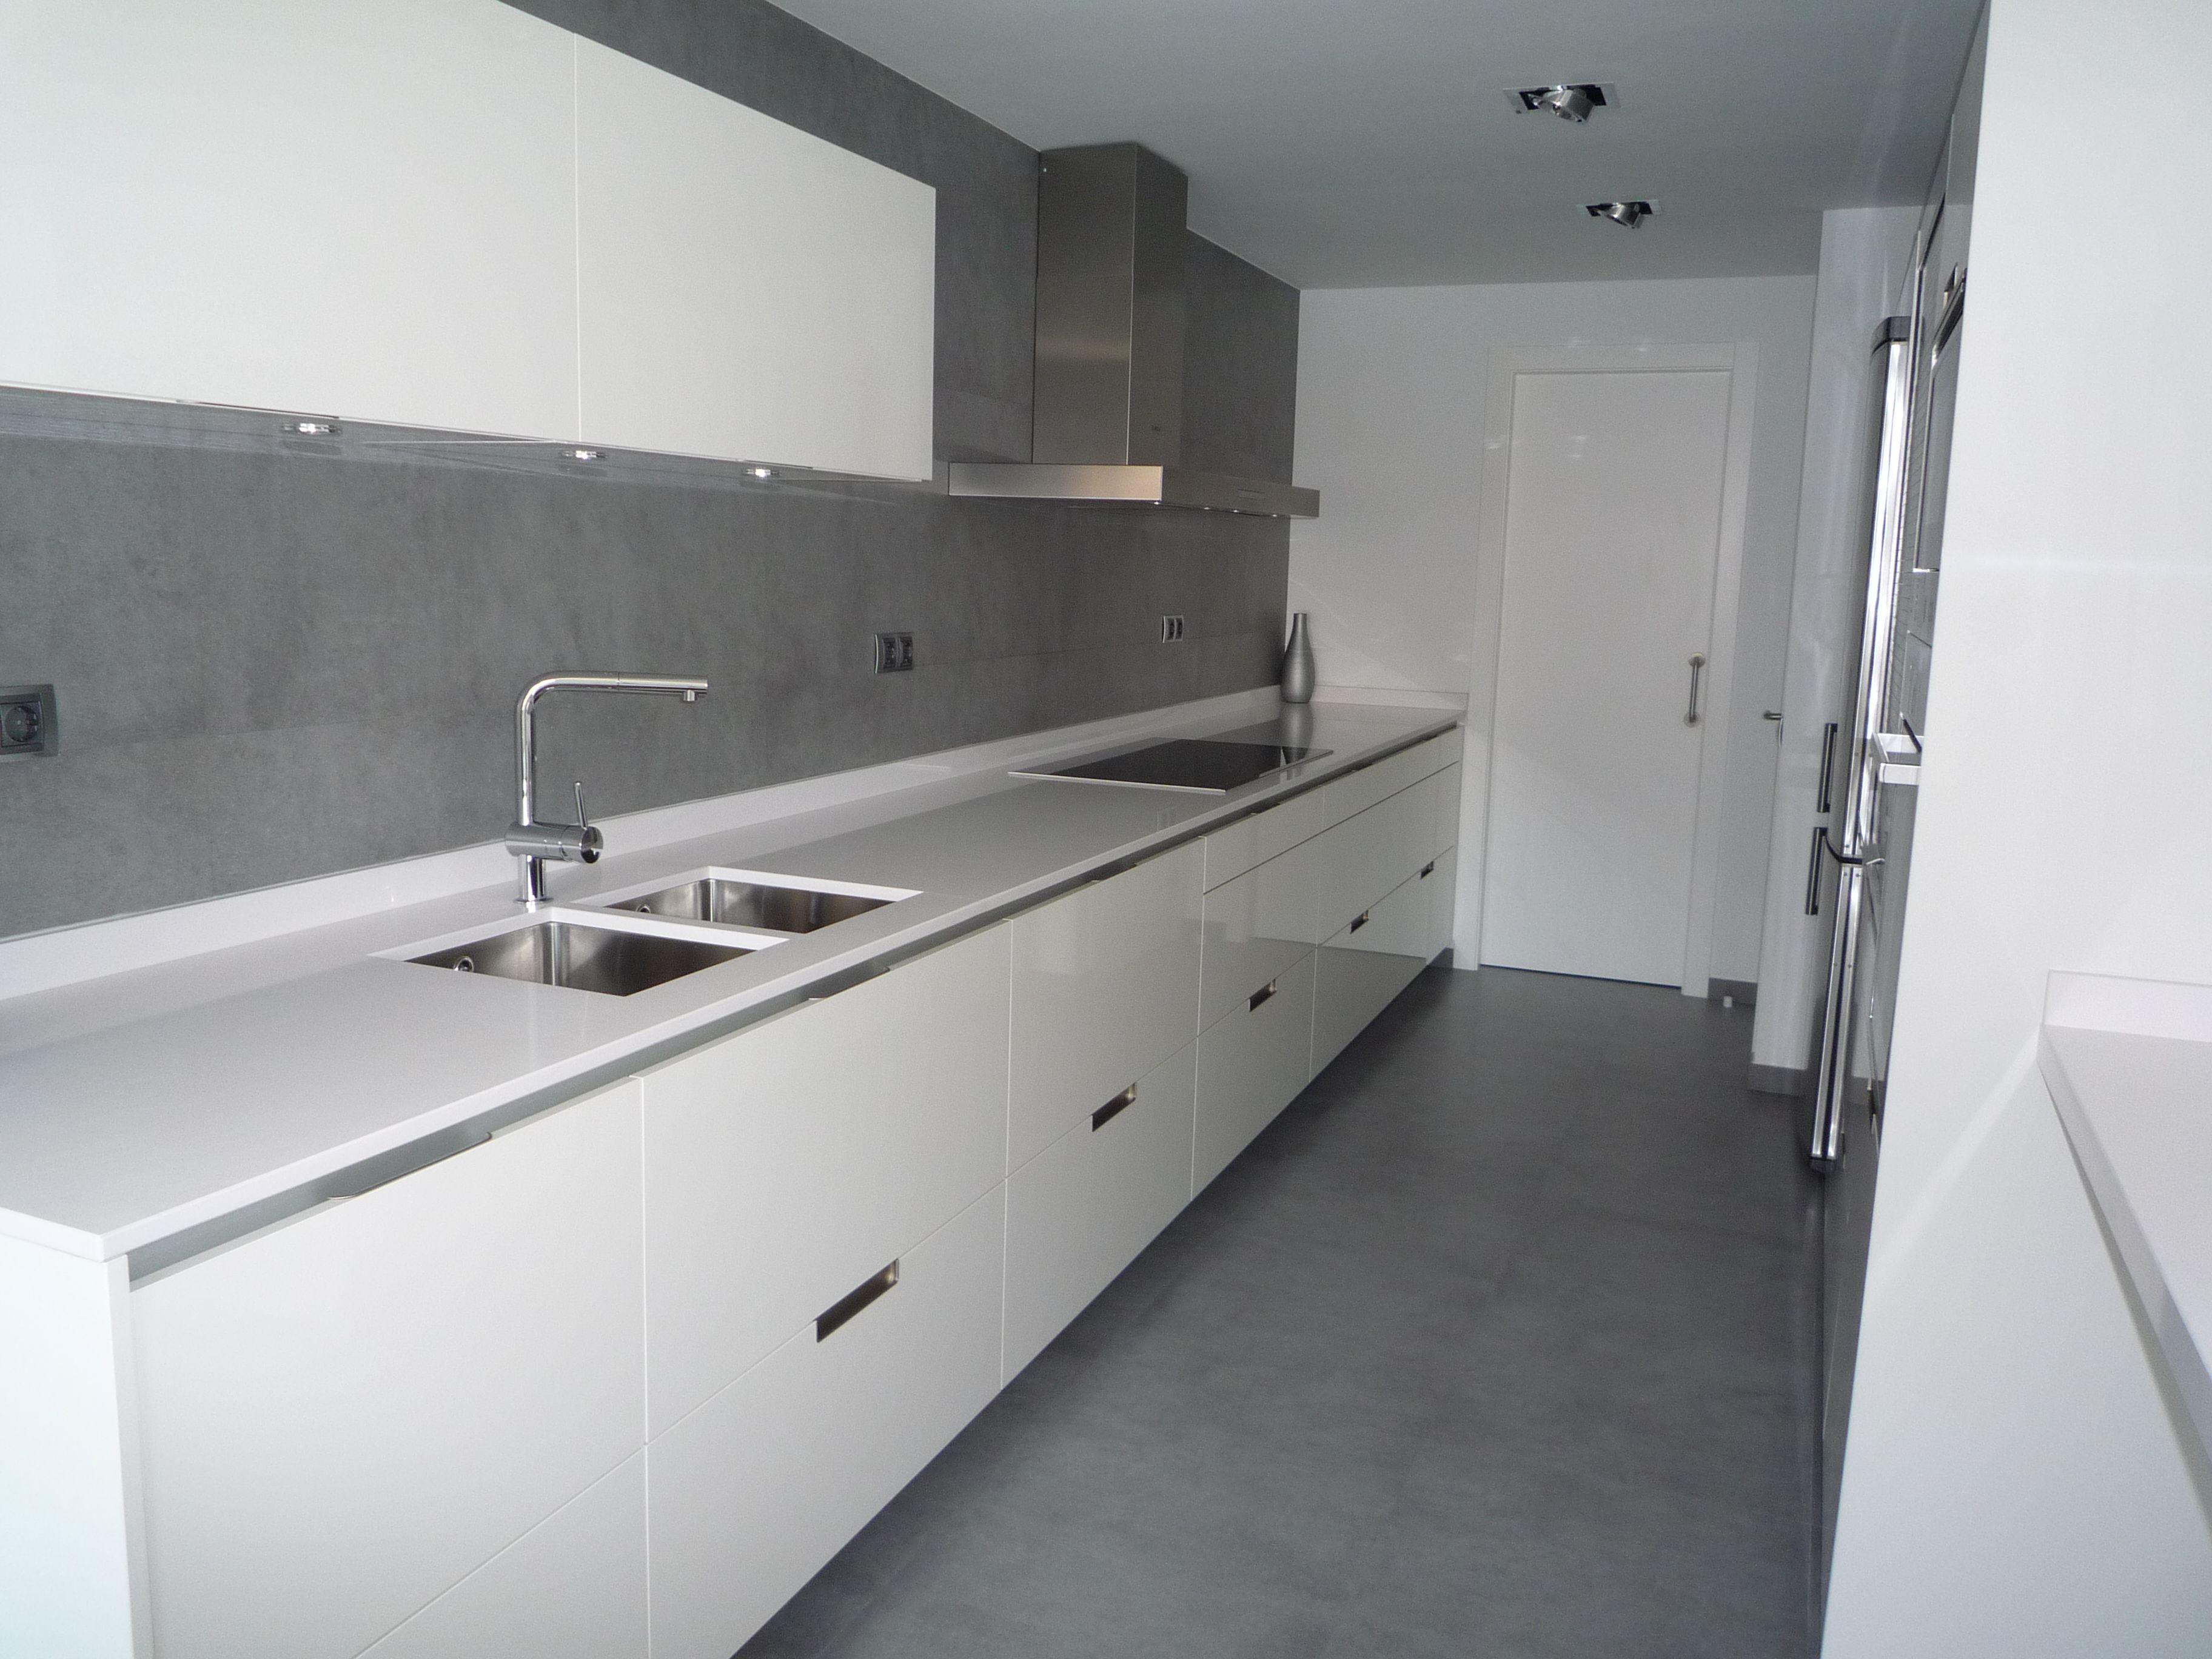 Reforma cocina minimalismo en blanco y gris mobiliario - Cocinas blanco brillo ...